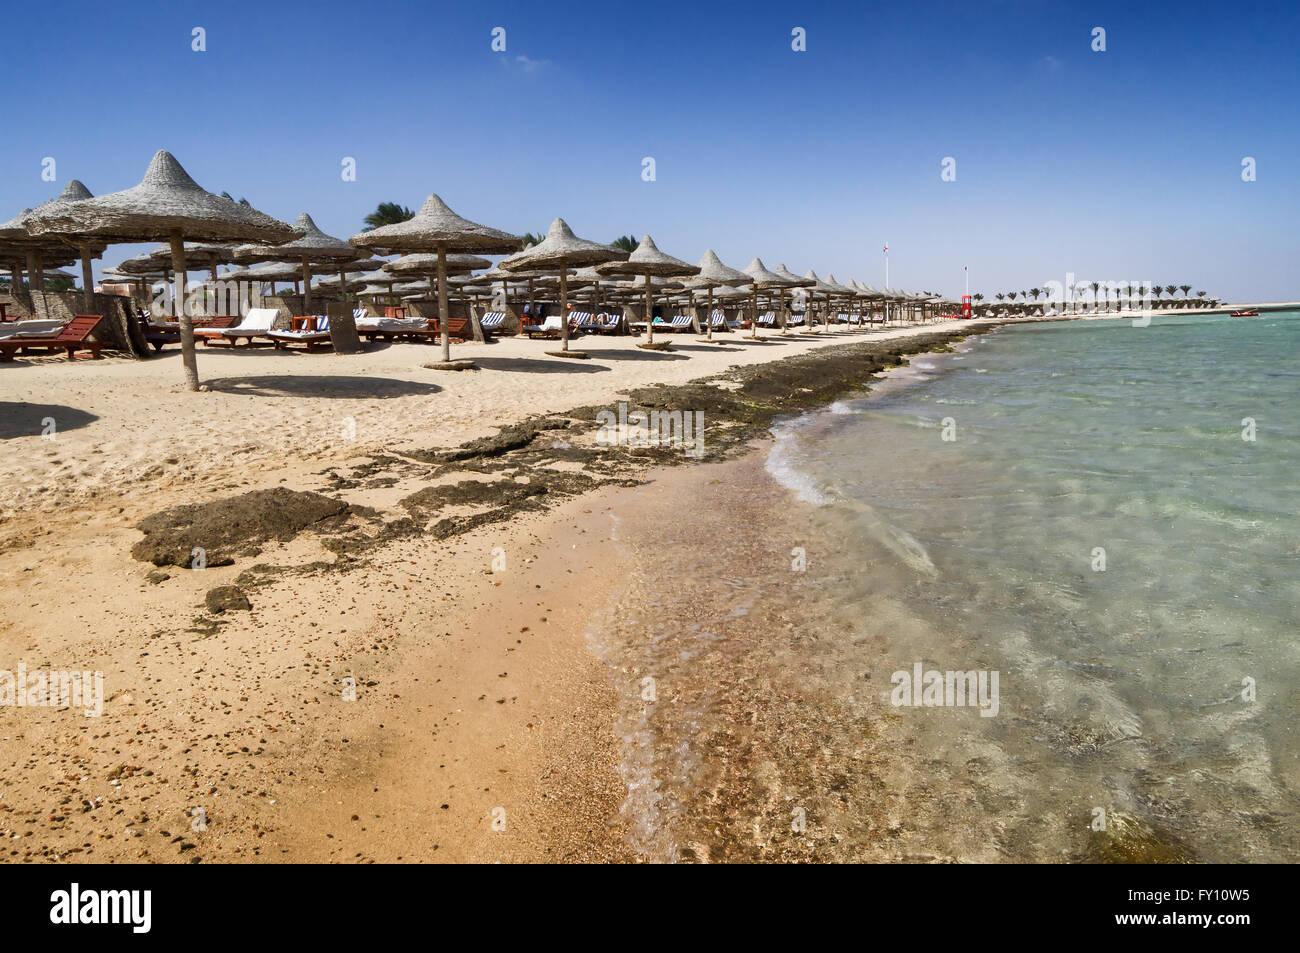 Marsa Alam beach con fila de paraguas, Egipto Imagen De Stock